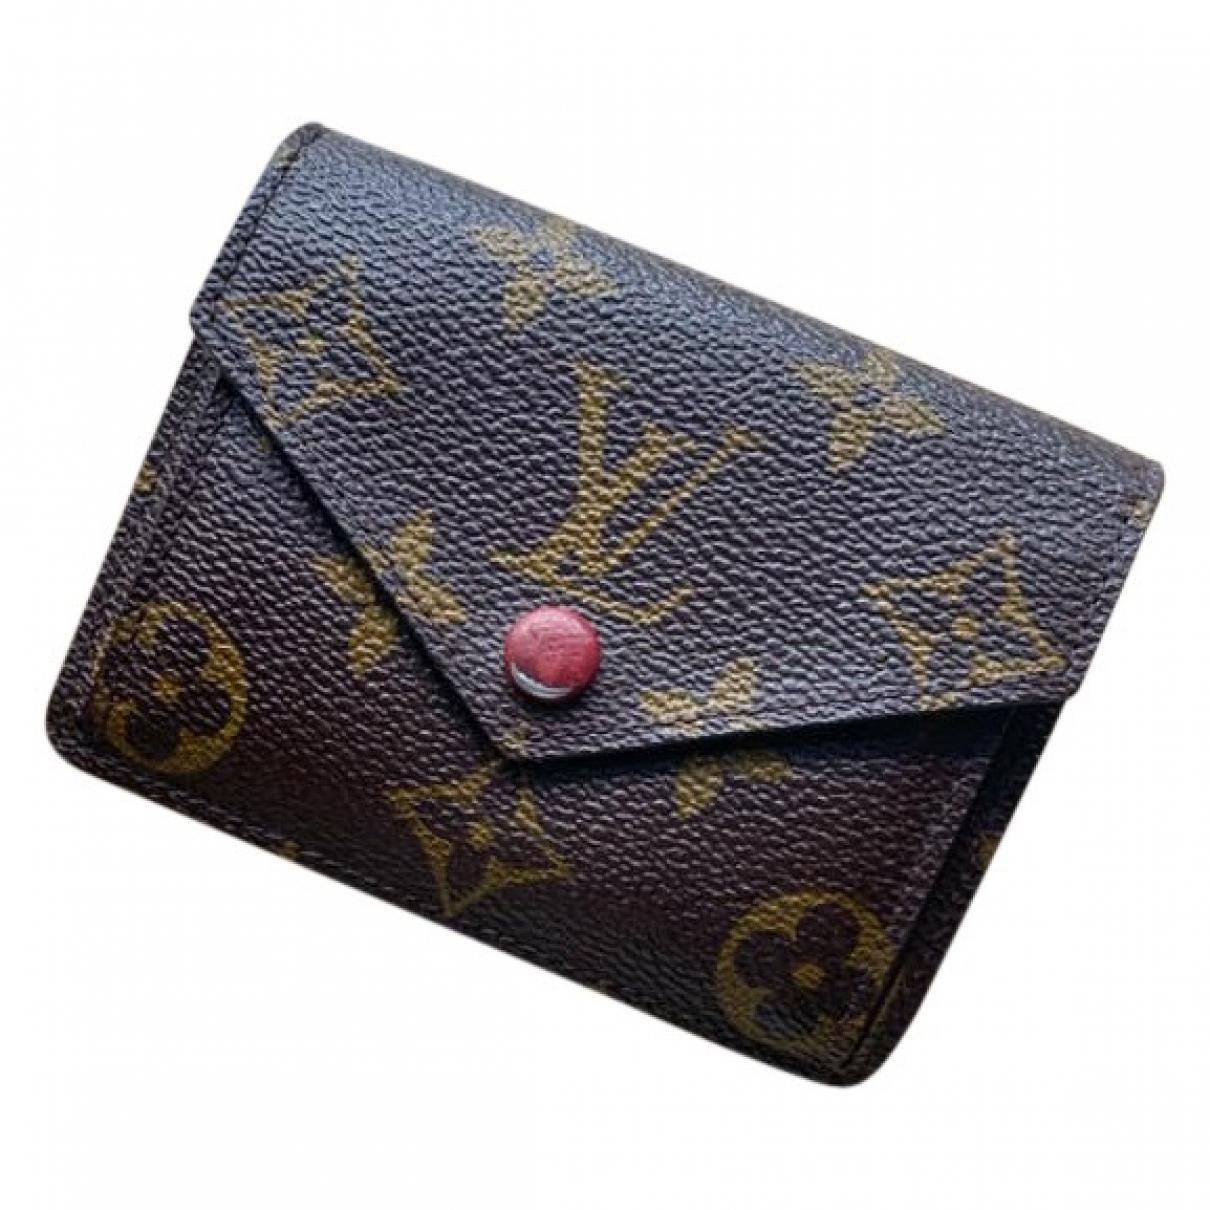 Louis Vuitton - Portefeuille Marie pour femme en toile - marron